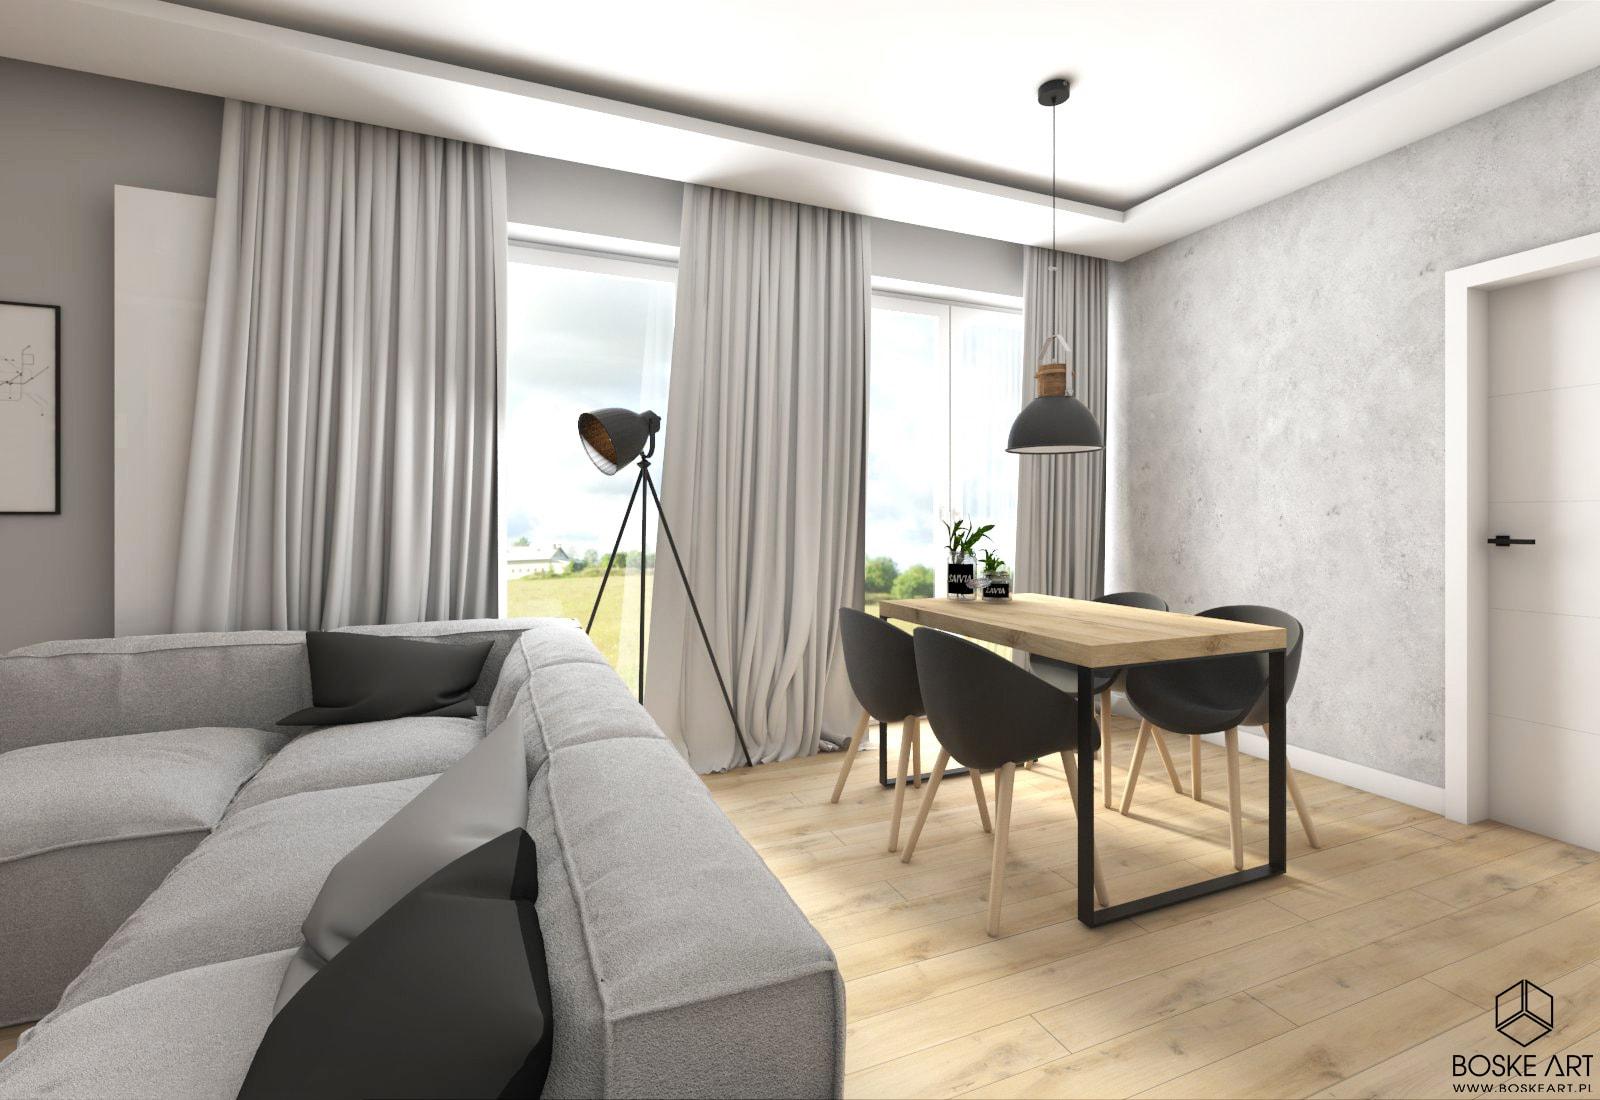 9_mieszkanie_poznan_boske_art_projektowanie_wnetrz_architektura_natalia_robaszkiewicz-min